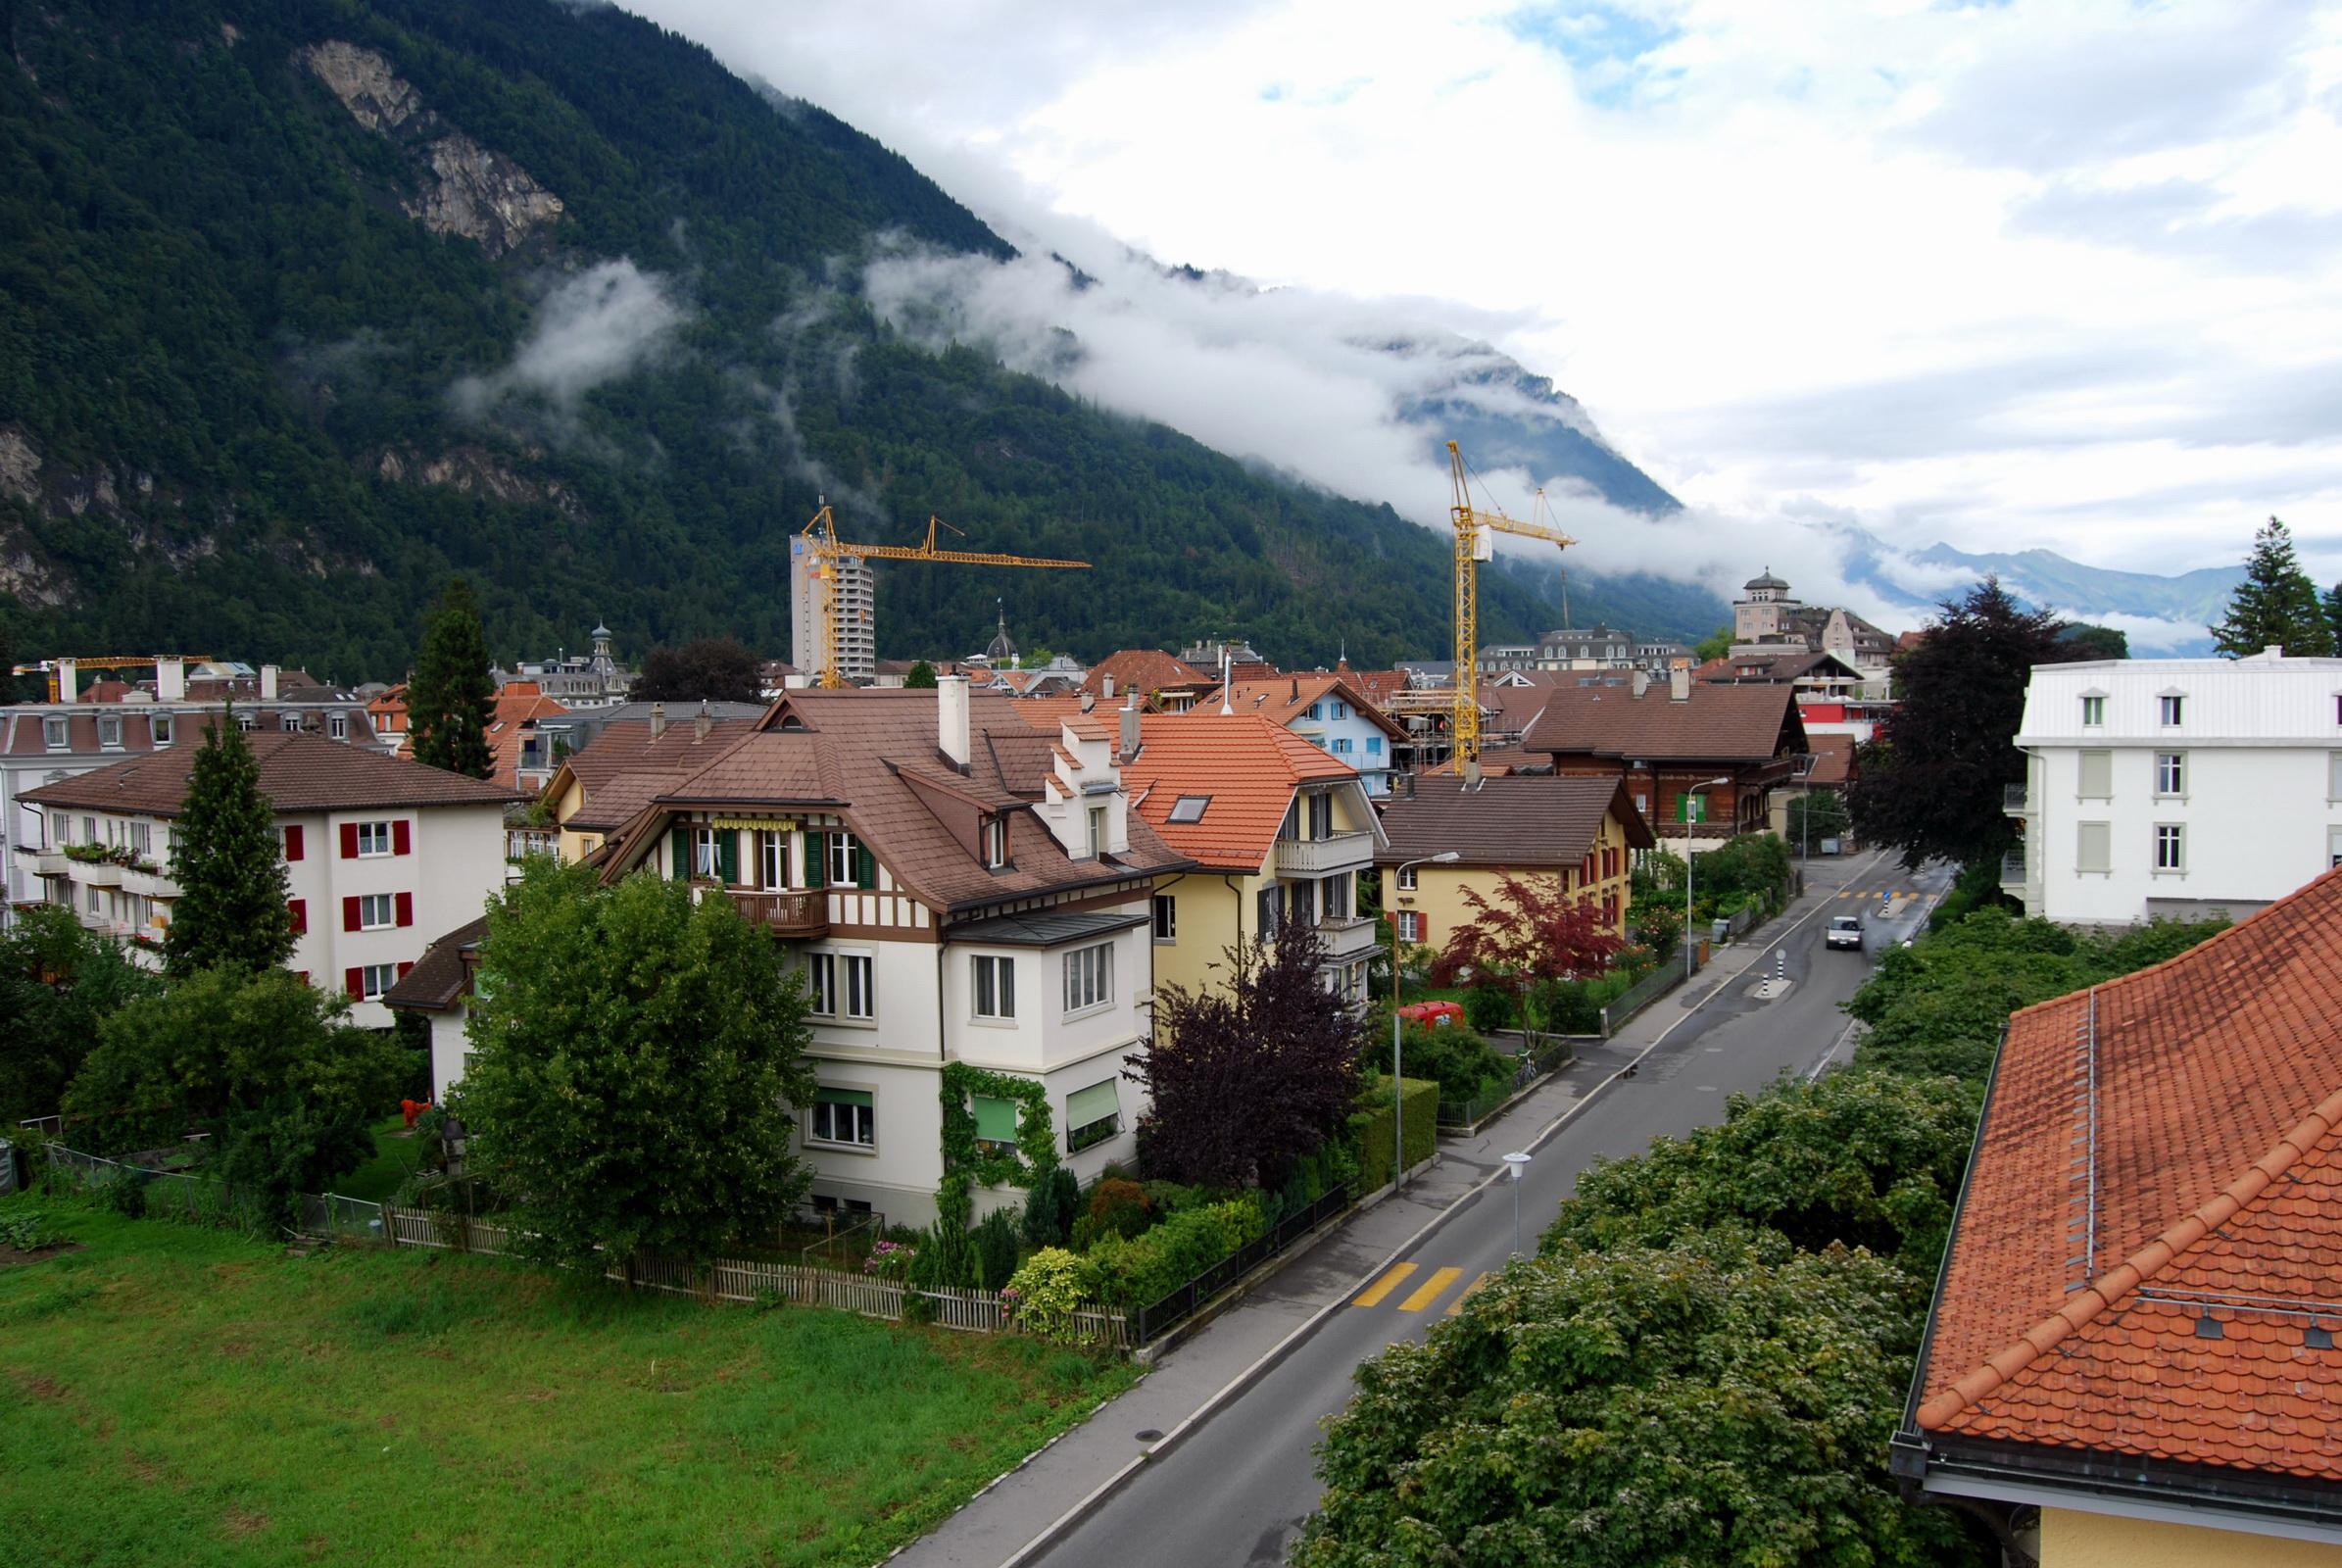 Interlaken Switzerland HD Wallpaper Background Image 2390x1600